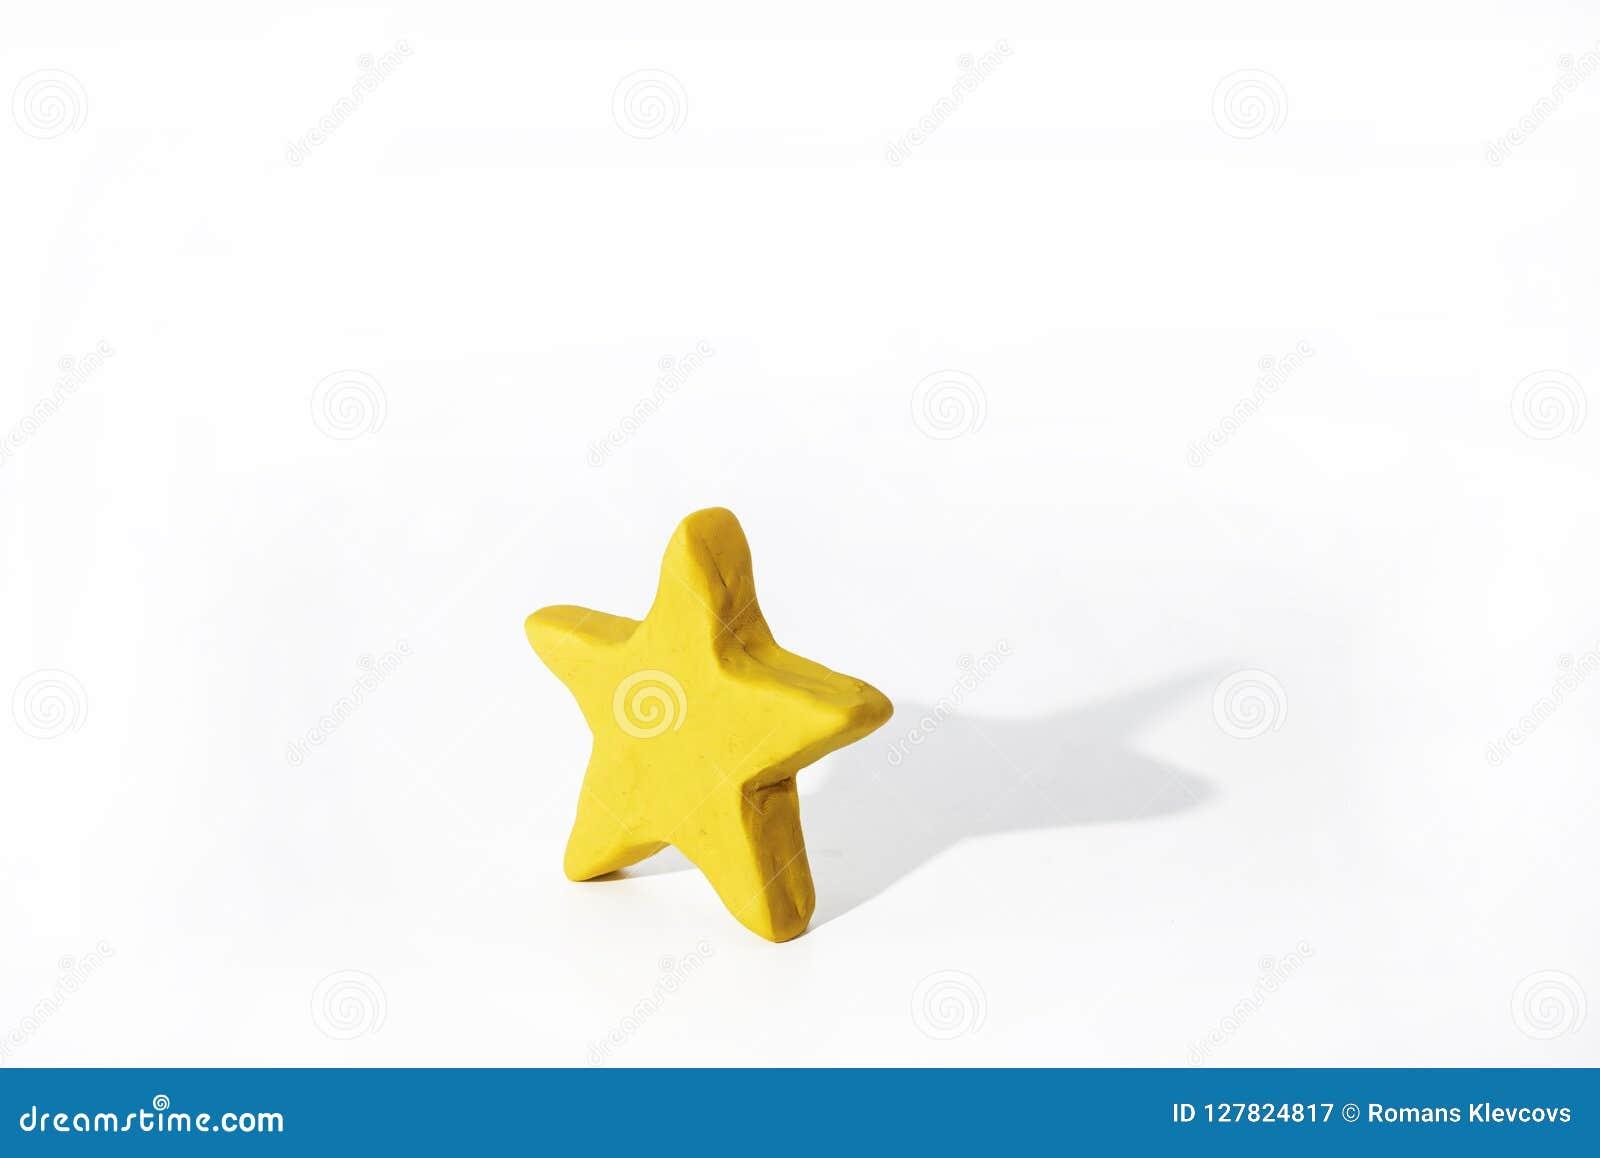 Símbolos del Islam Objetos hechos de la arcilla del juego Foto aislada extracto